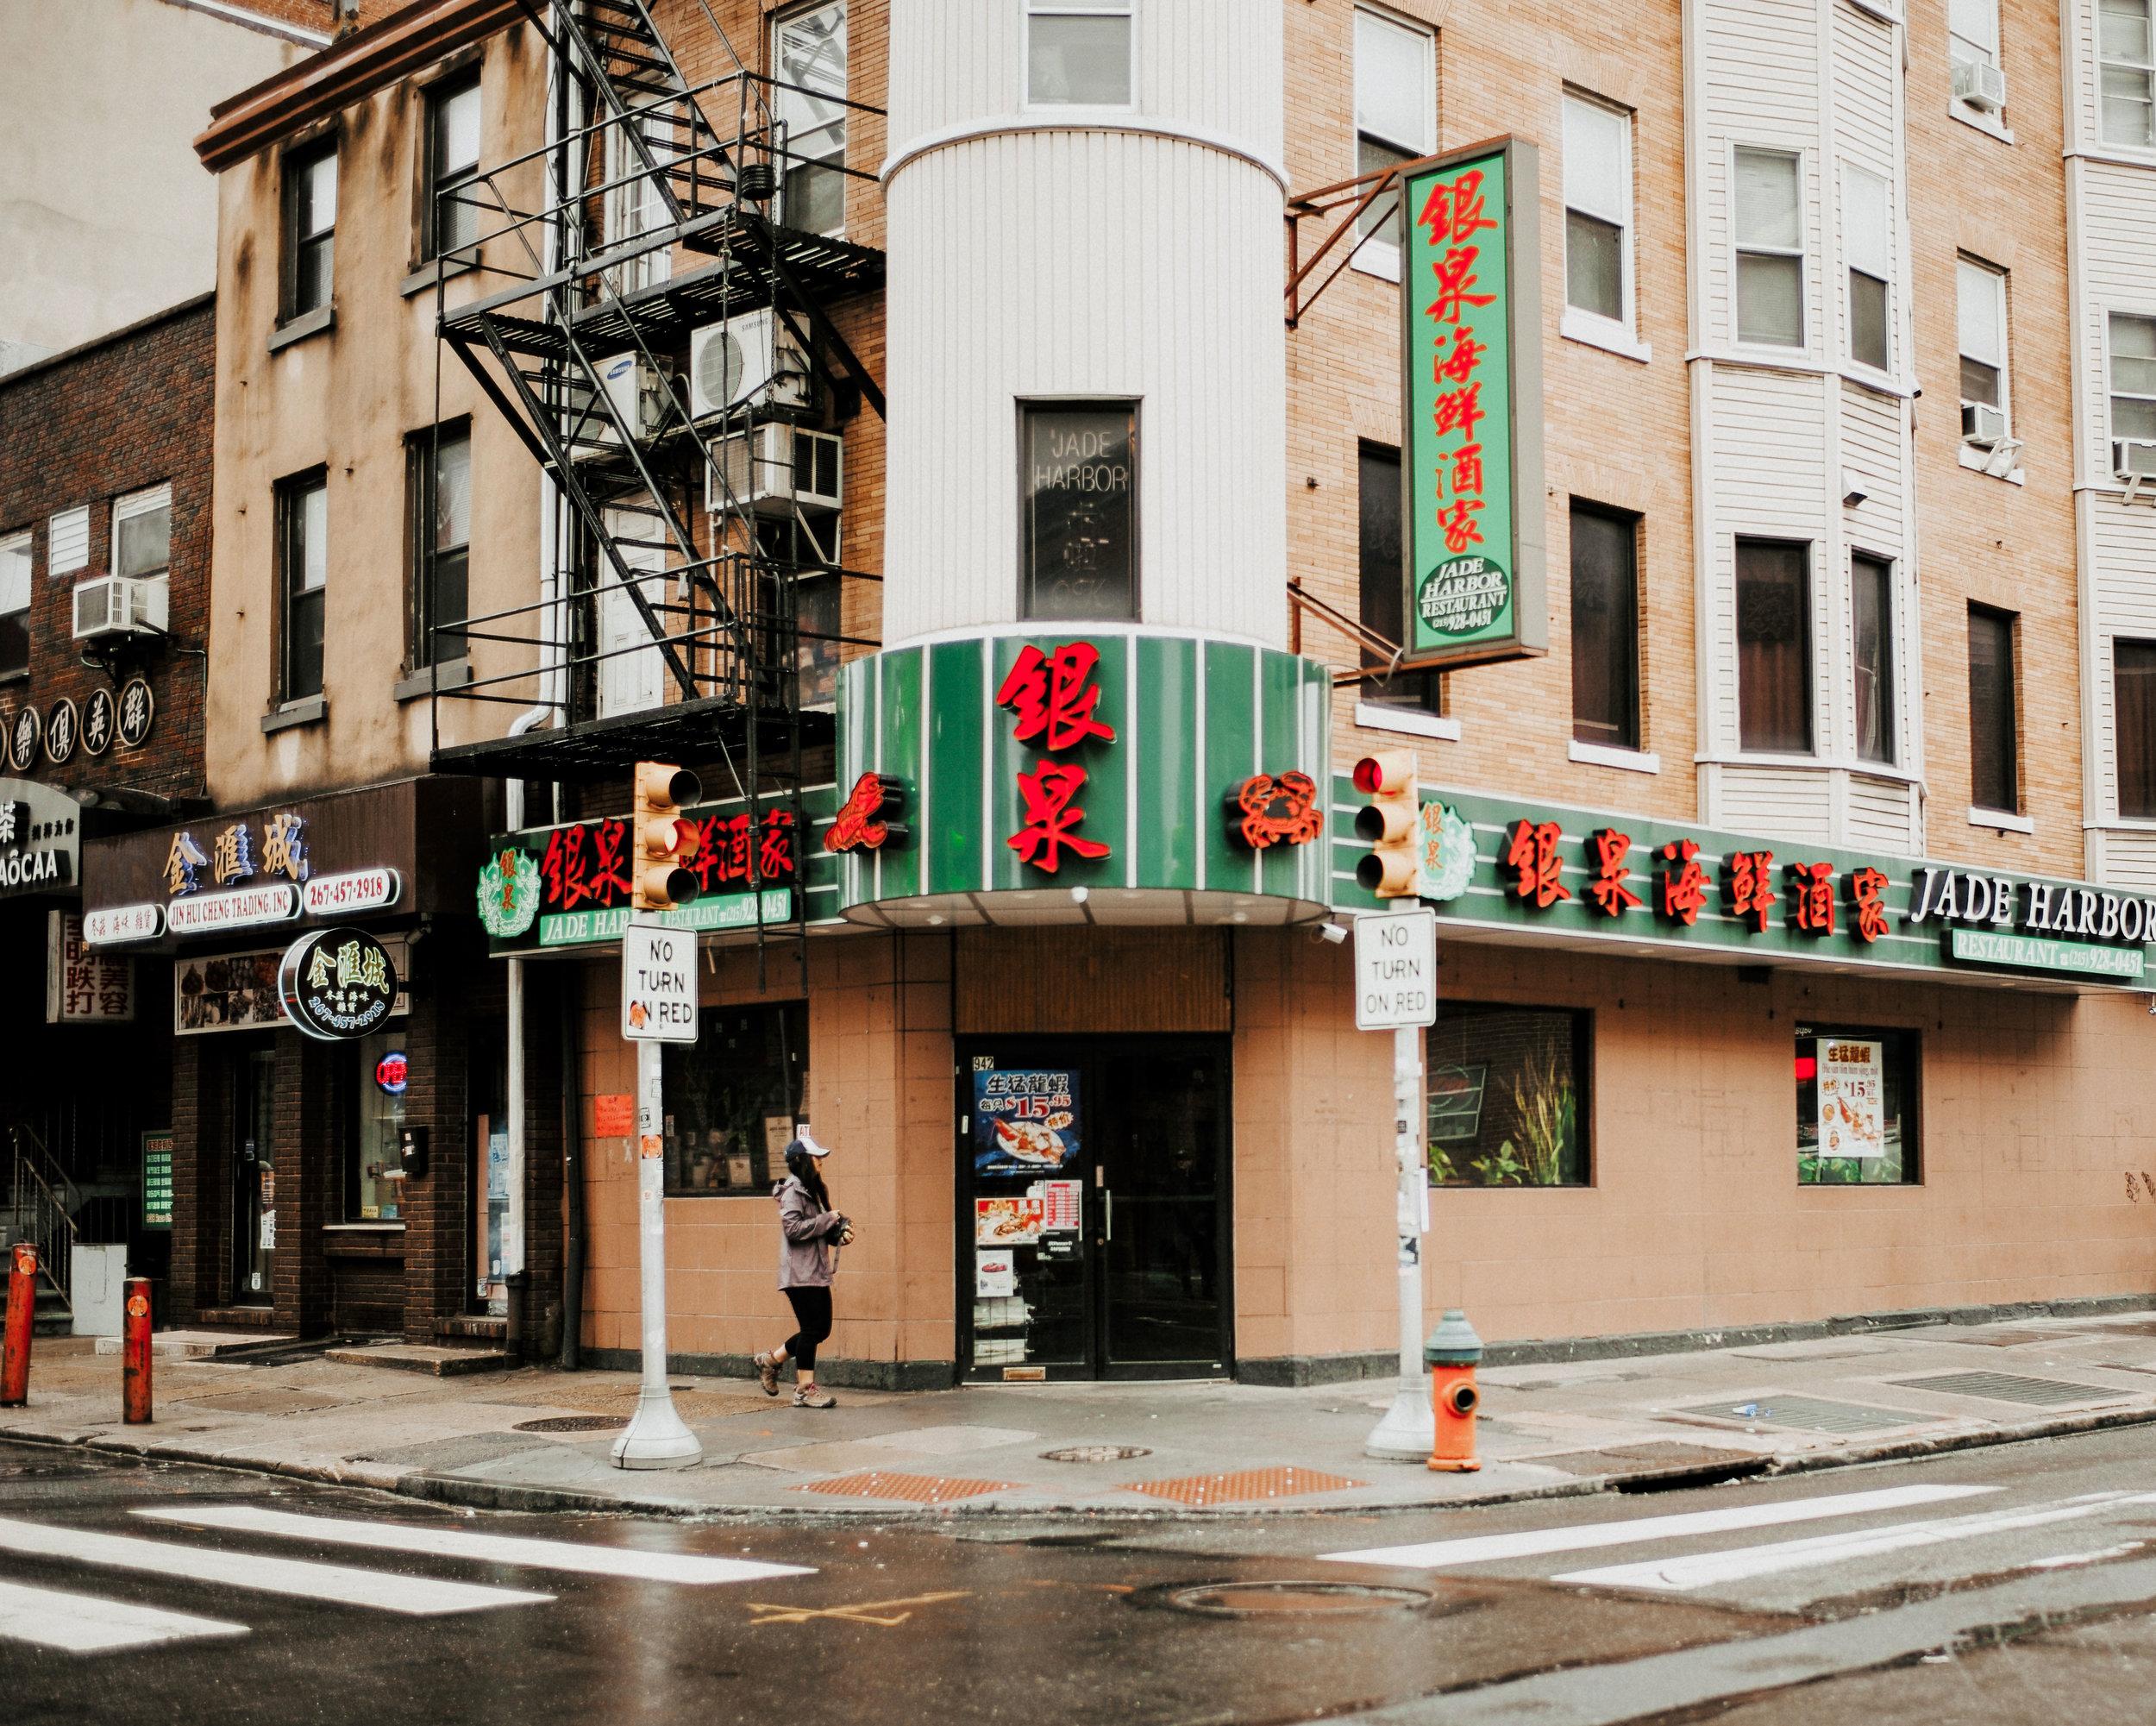 kw-chinatown-img1.jpg